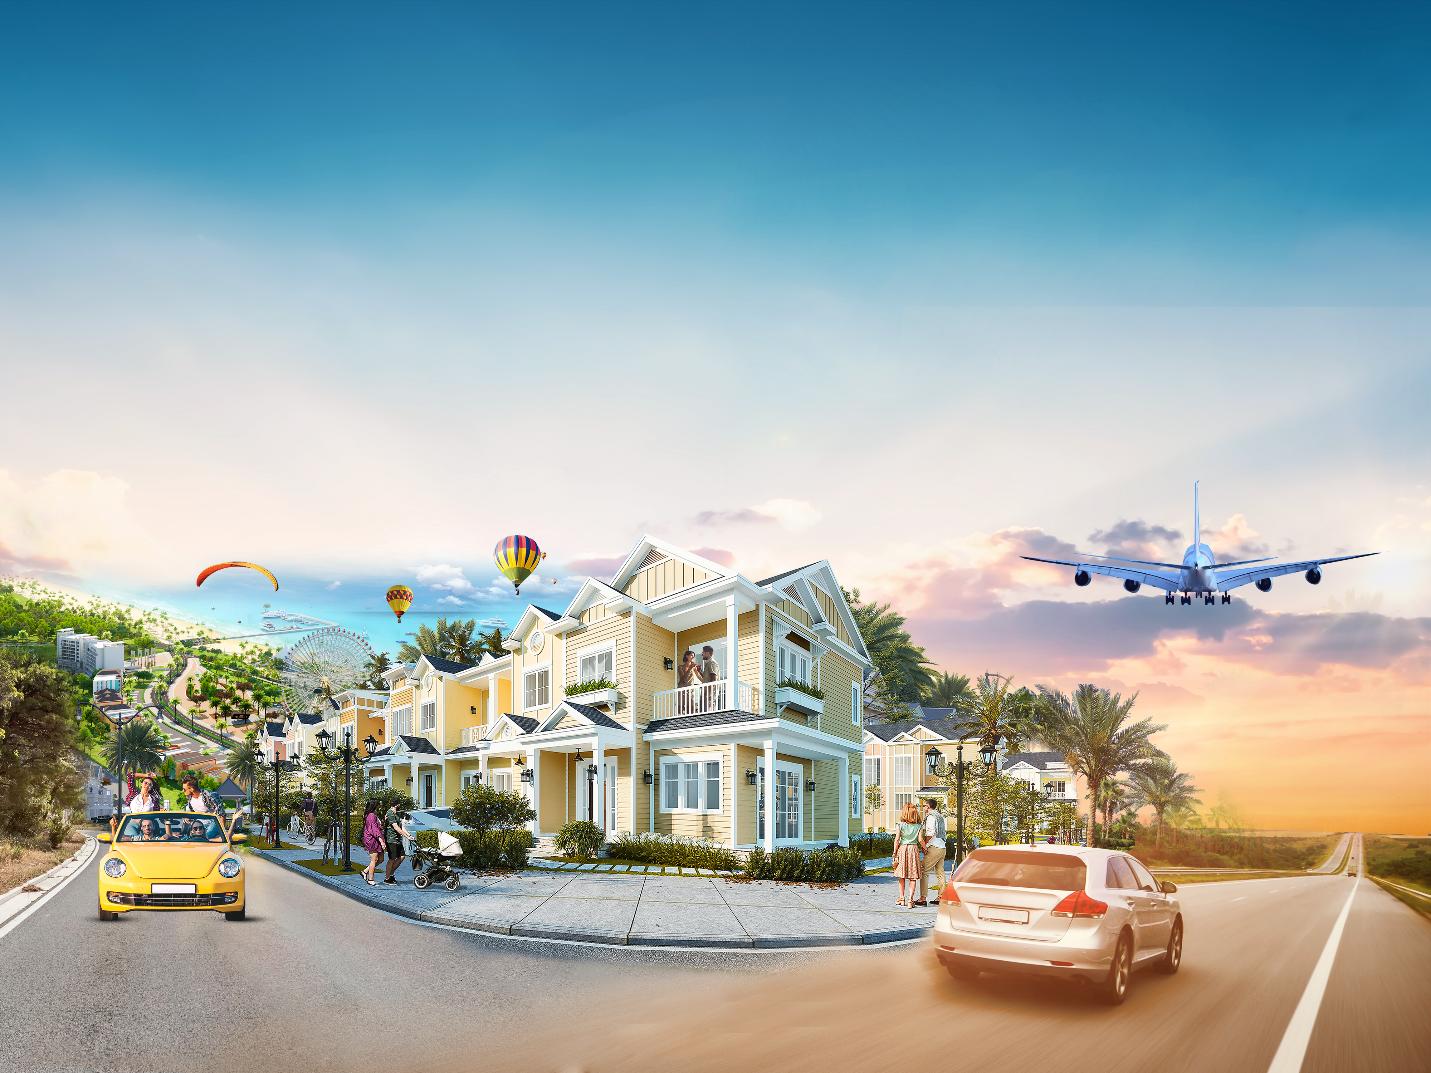 """Second home ven biển tại Phan Thiết, Bình Thuận được dự báo tạo """"làn sóng"""" đầu tư mới trên thị trường bất động sản (Ảnh: Mẫu second home tại NovaWorld Phan Thiet)"""